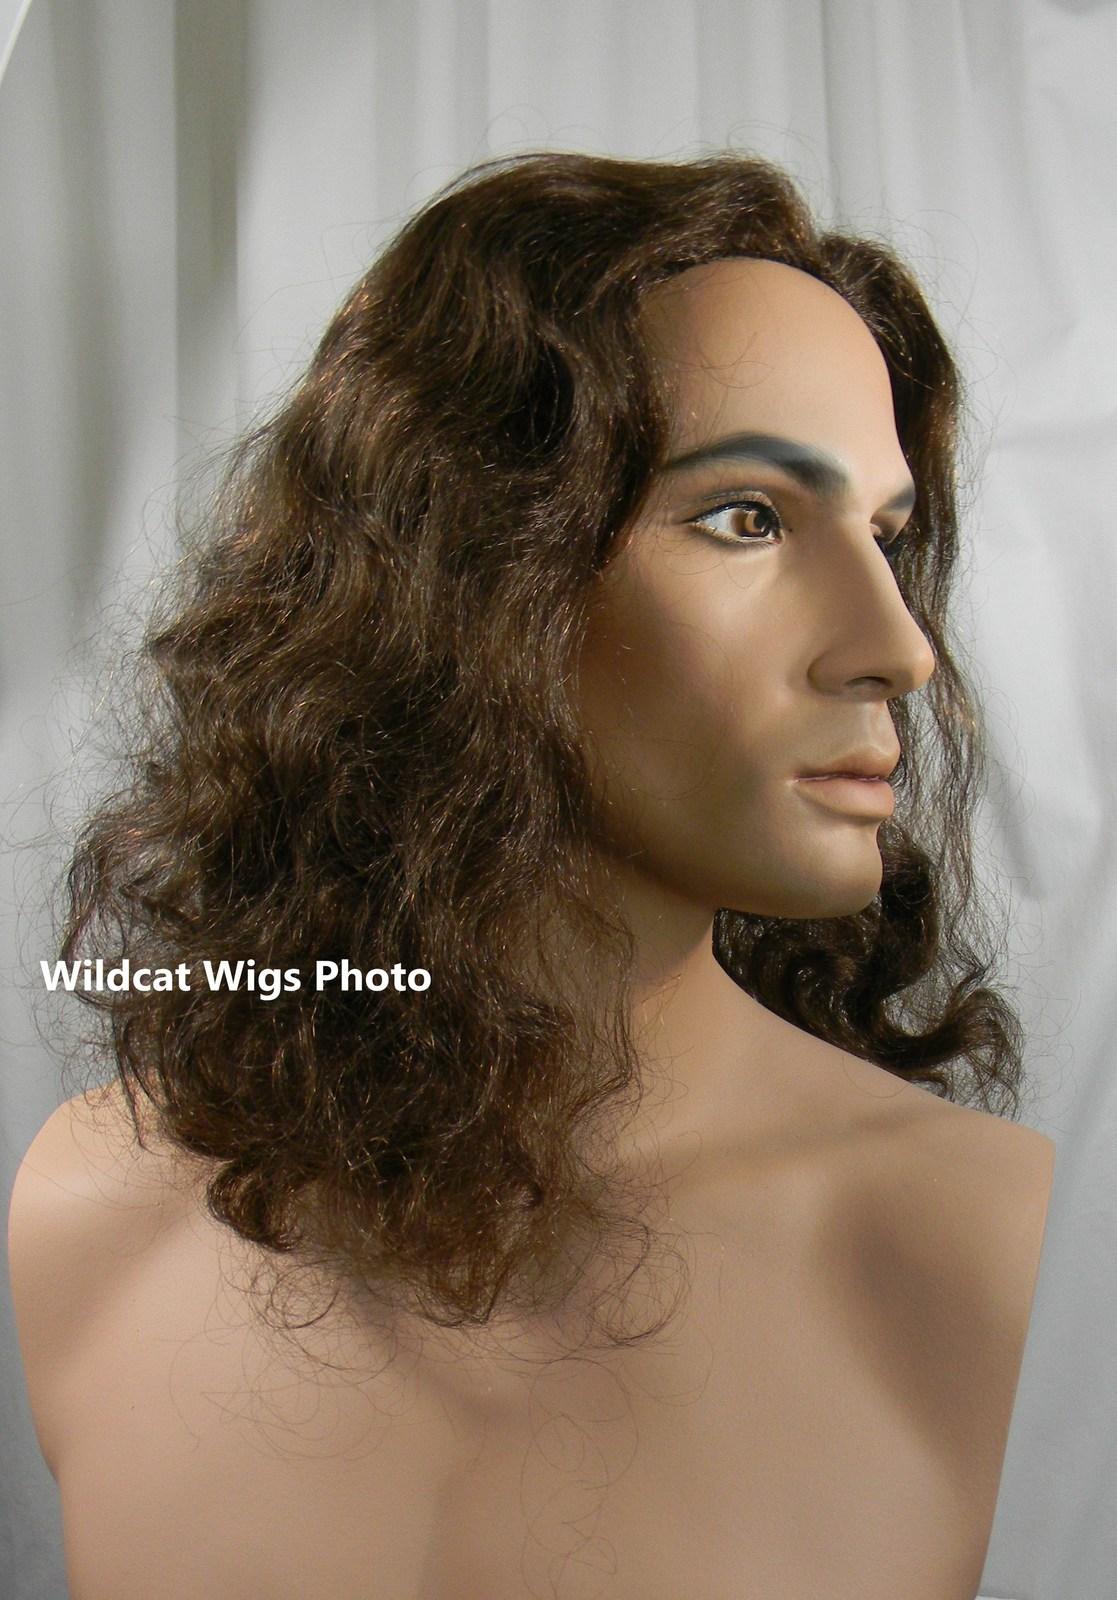 Jesus wig 8 a